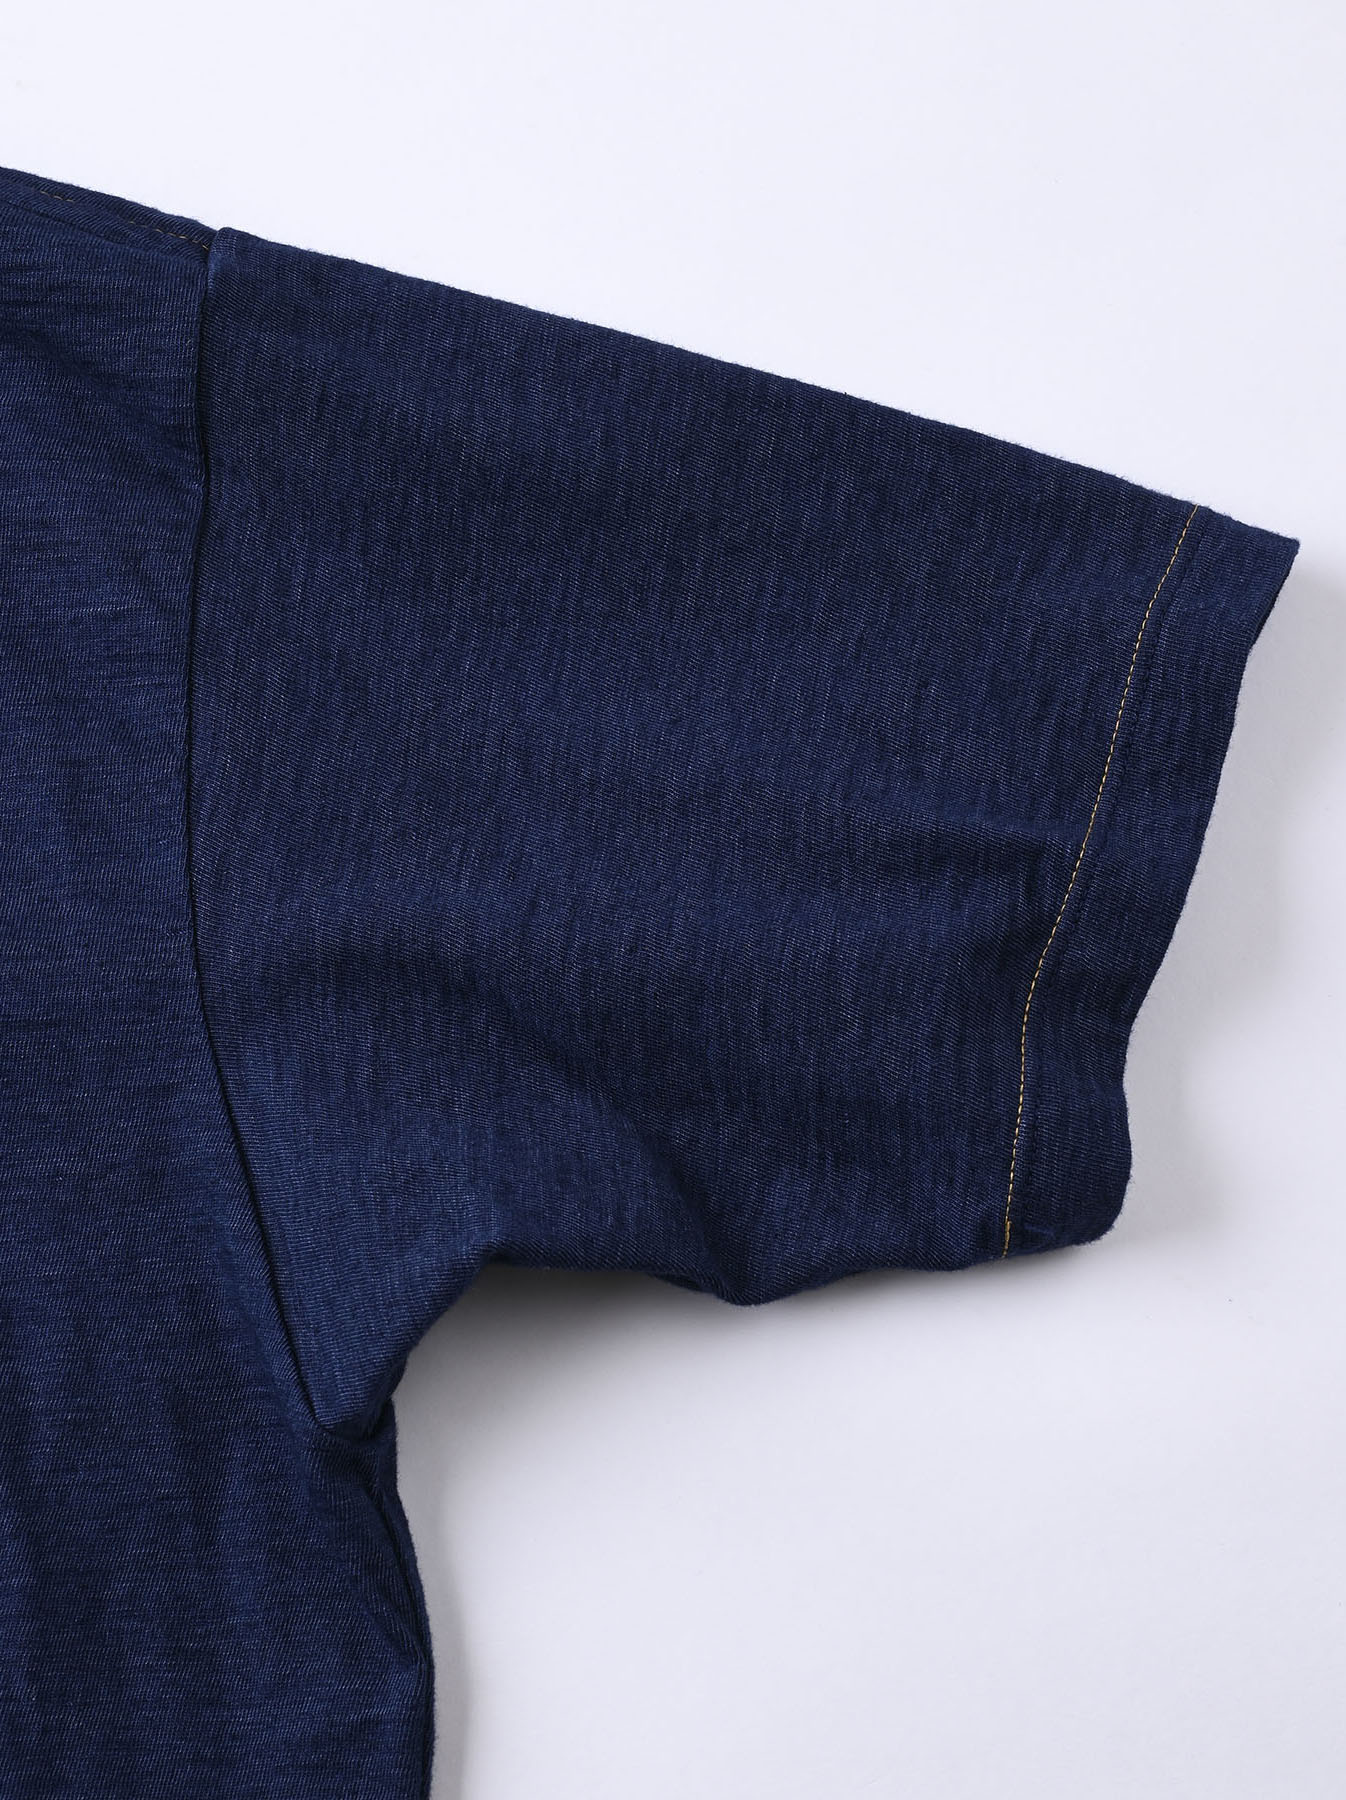 Indigo Ukiyo de Surf 908 Ocean T-shirt (0621)-8